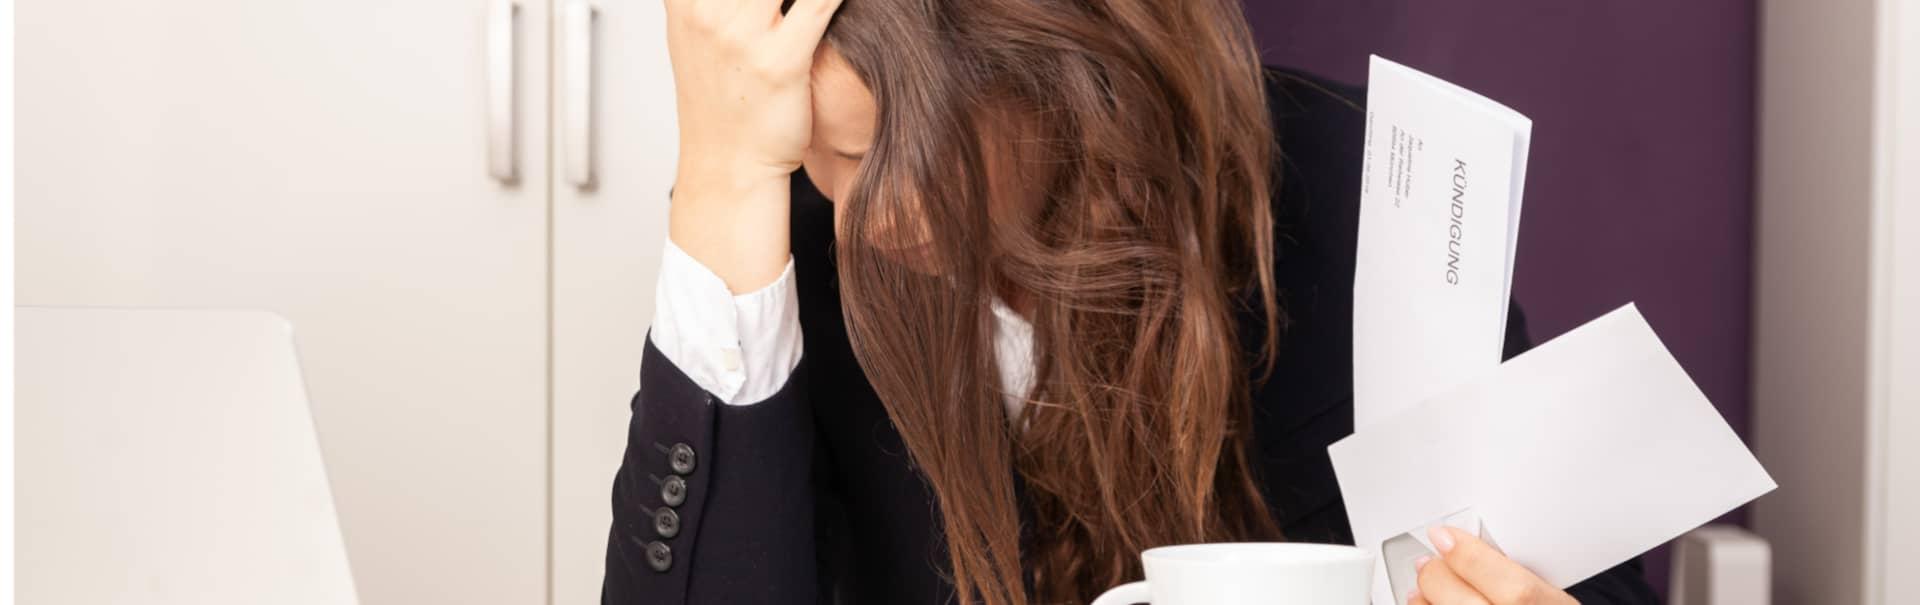 Arbeitsrecht: Wann ist eine Kündigung wegen Krankheit gerechtfertigt?